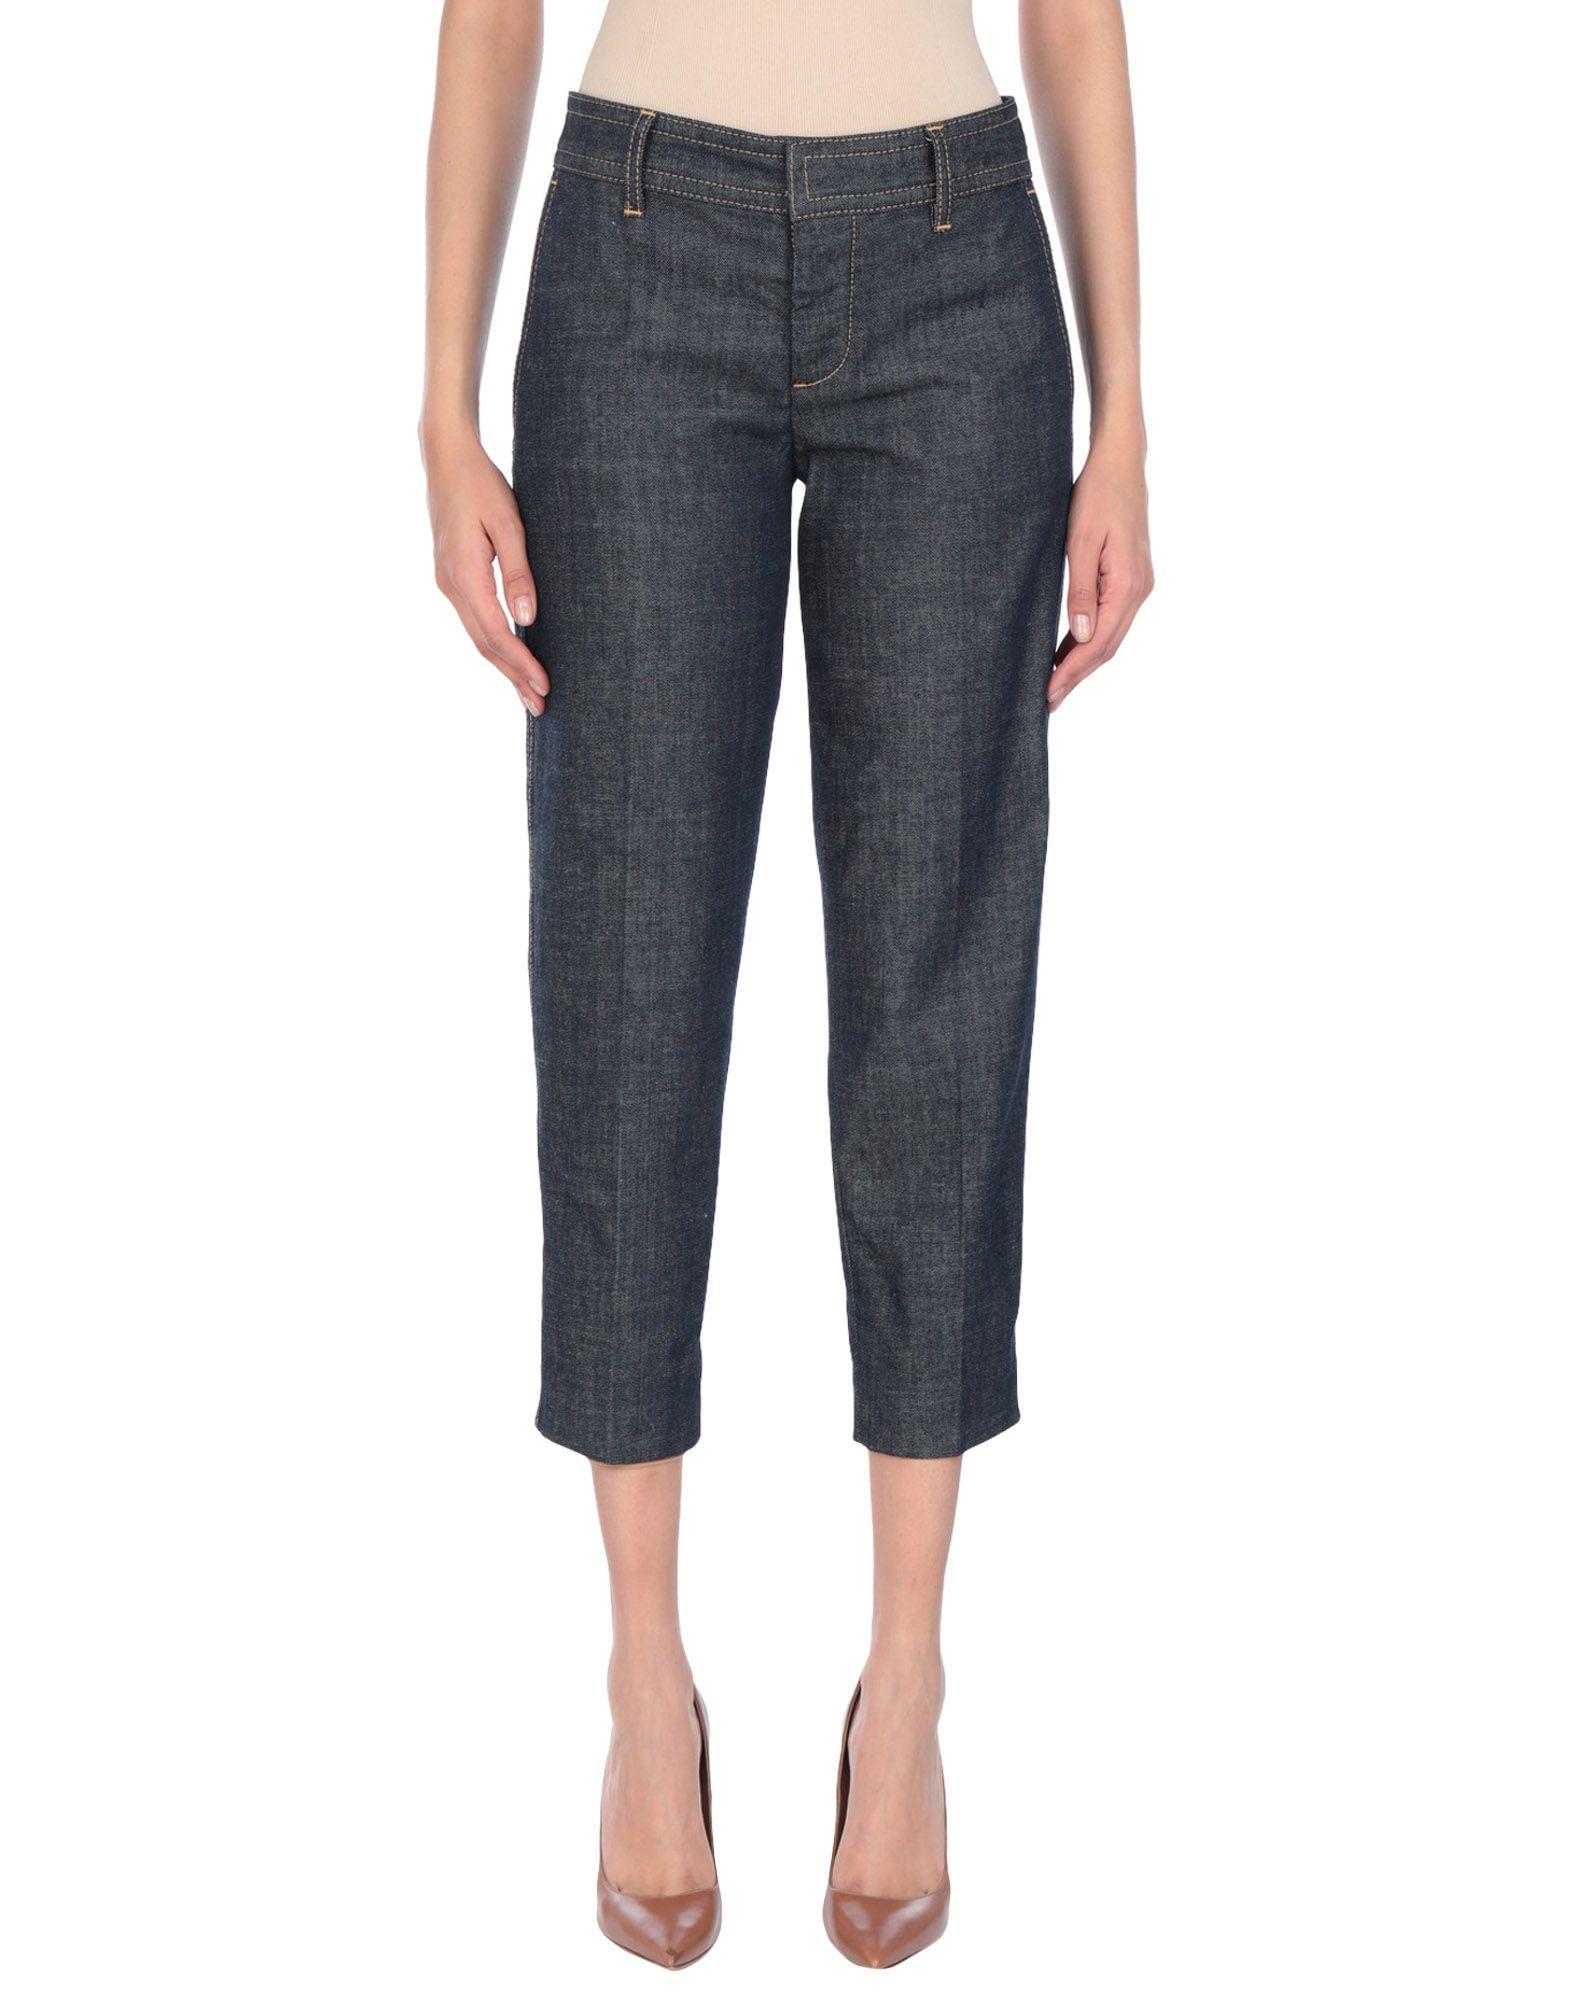 утепленные брюки женские купить в москве